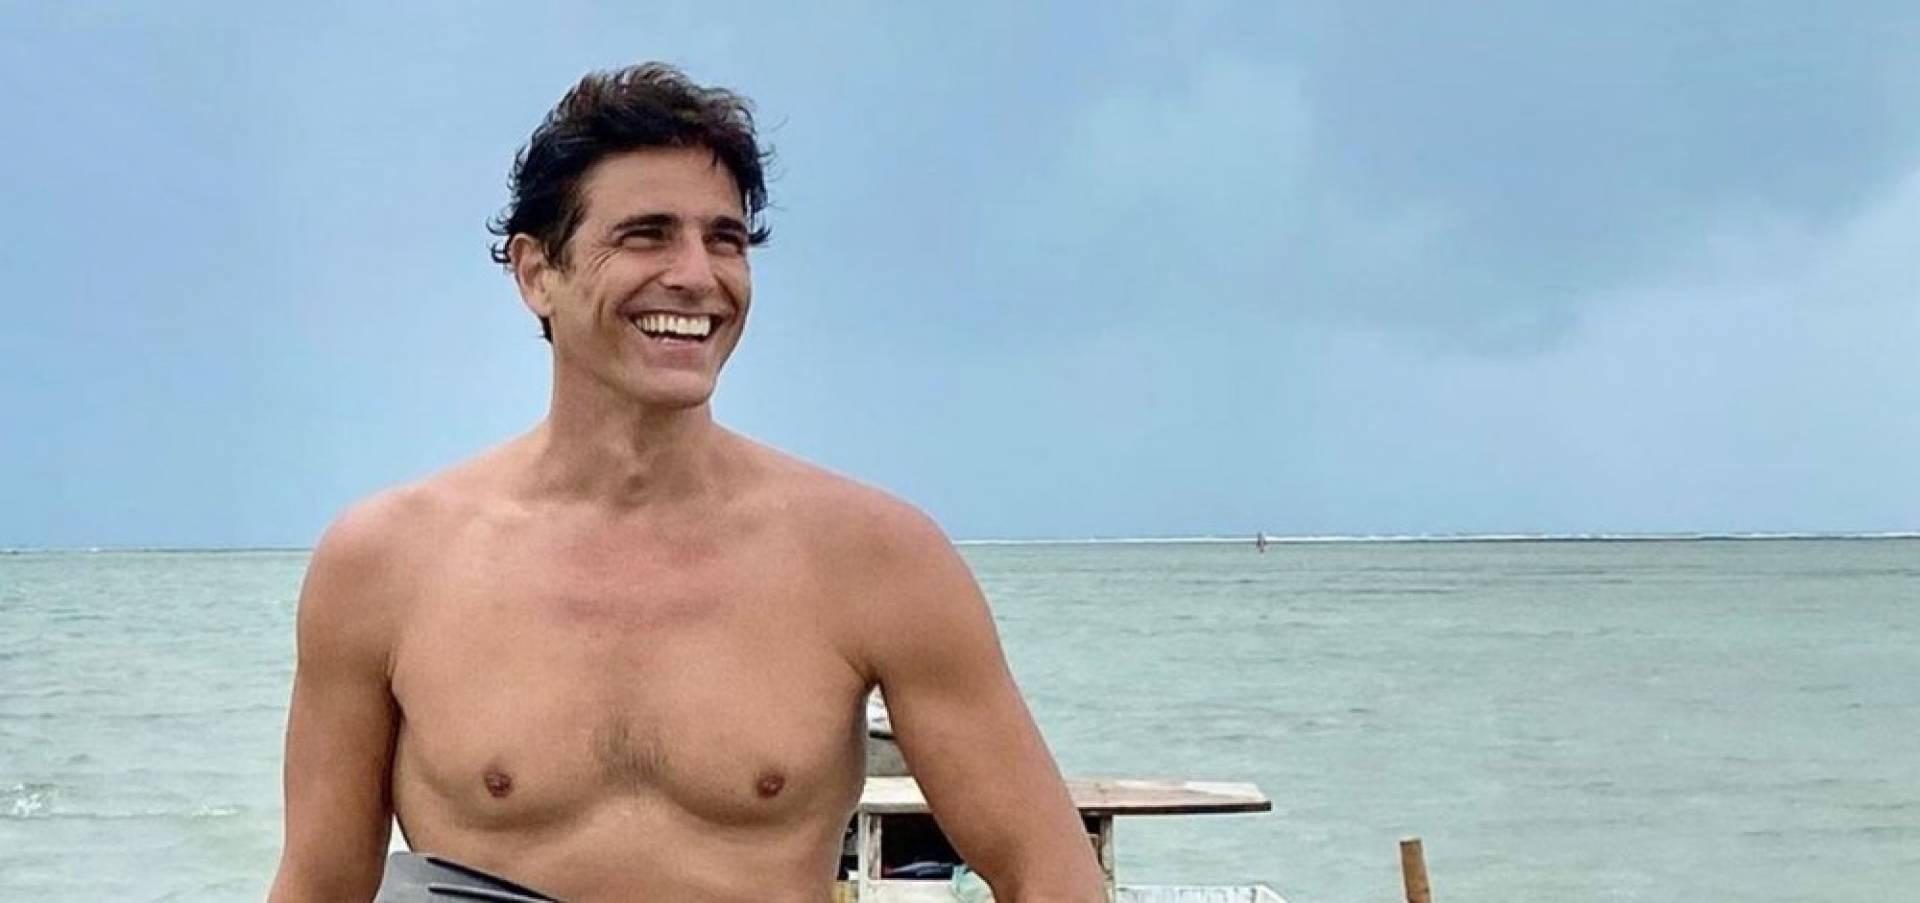 """Reynaldo Gianecchini nega ser gay. """"Me considero tudo ao mesmo tempo"""". FOTO: Reprodução / Instagram"""